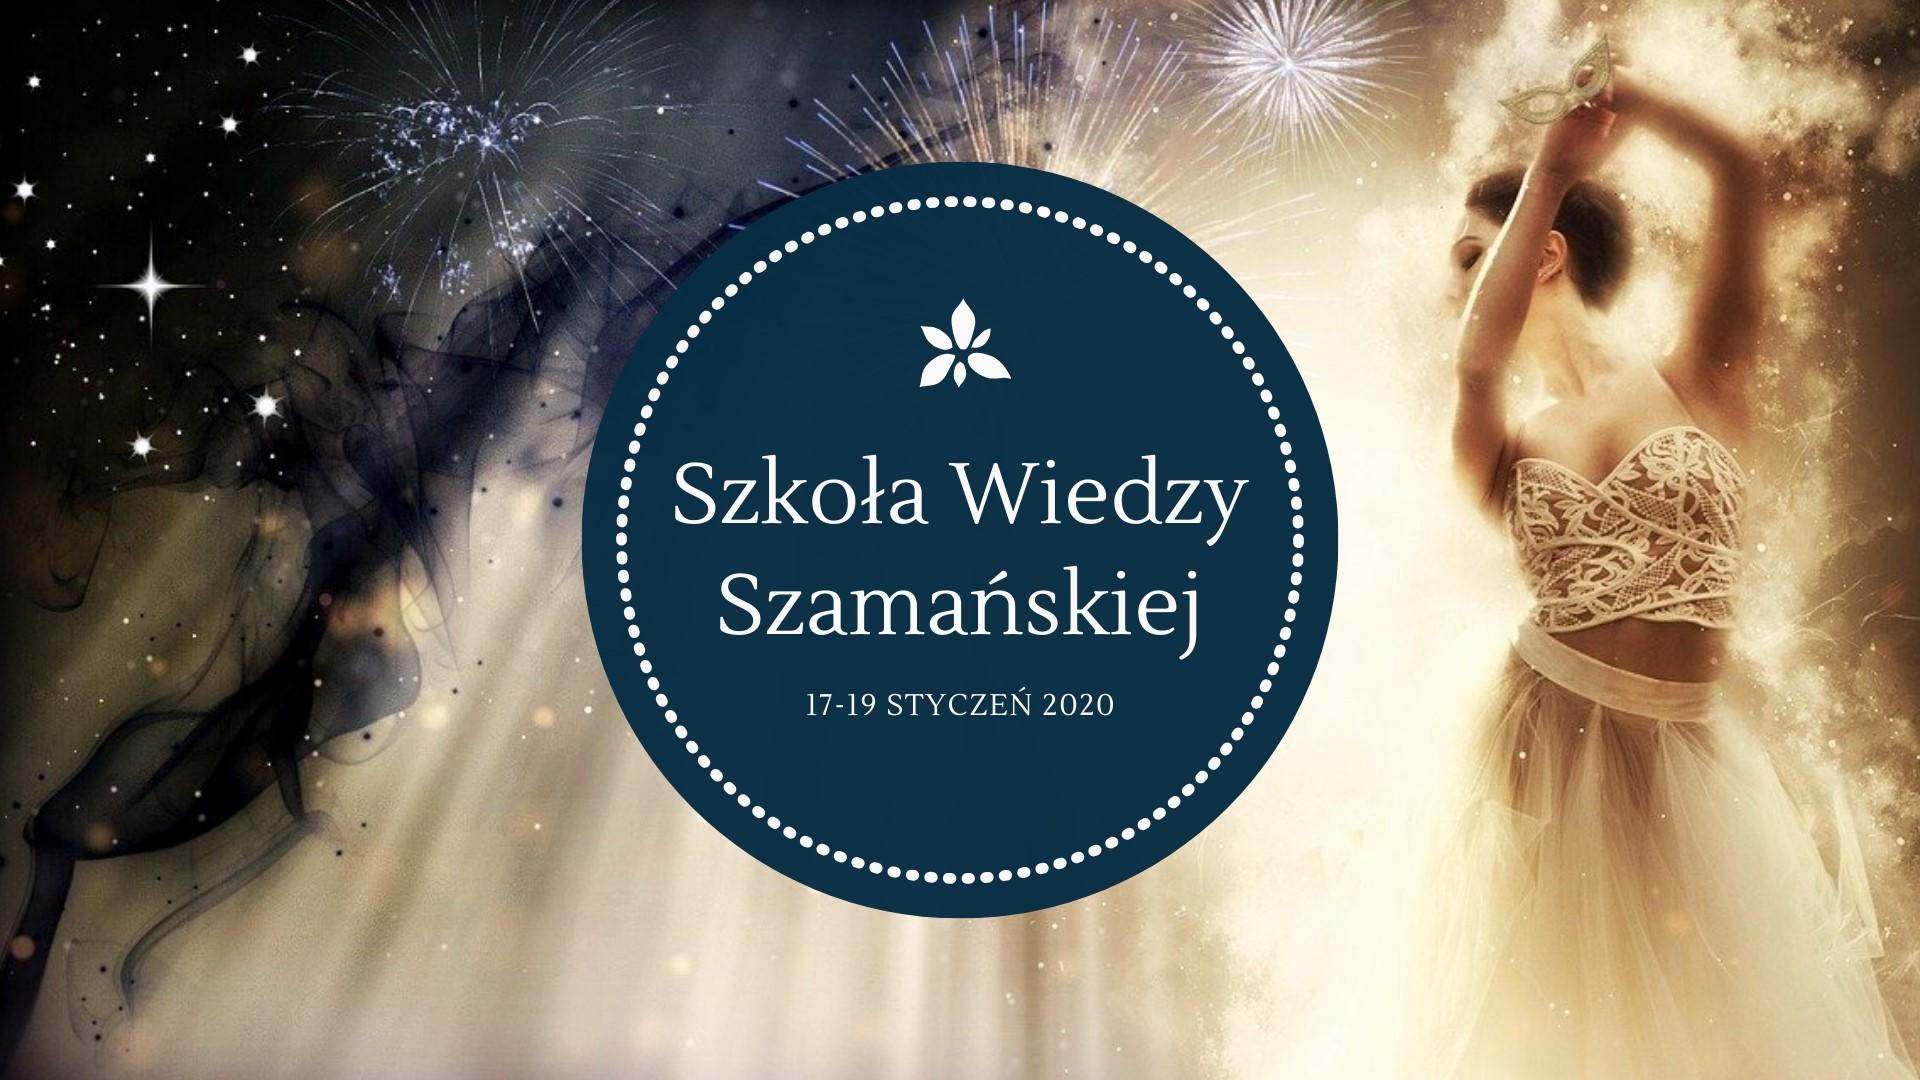 IX Zjazd - Szkoła Wiedzy Szamańskiej